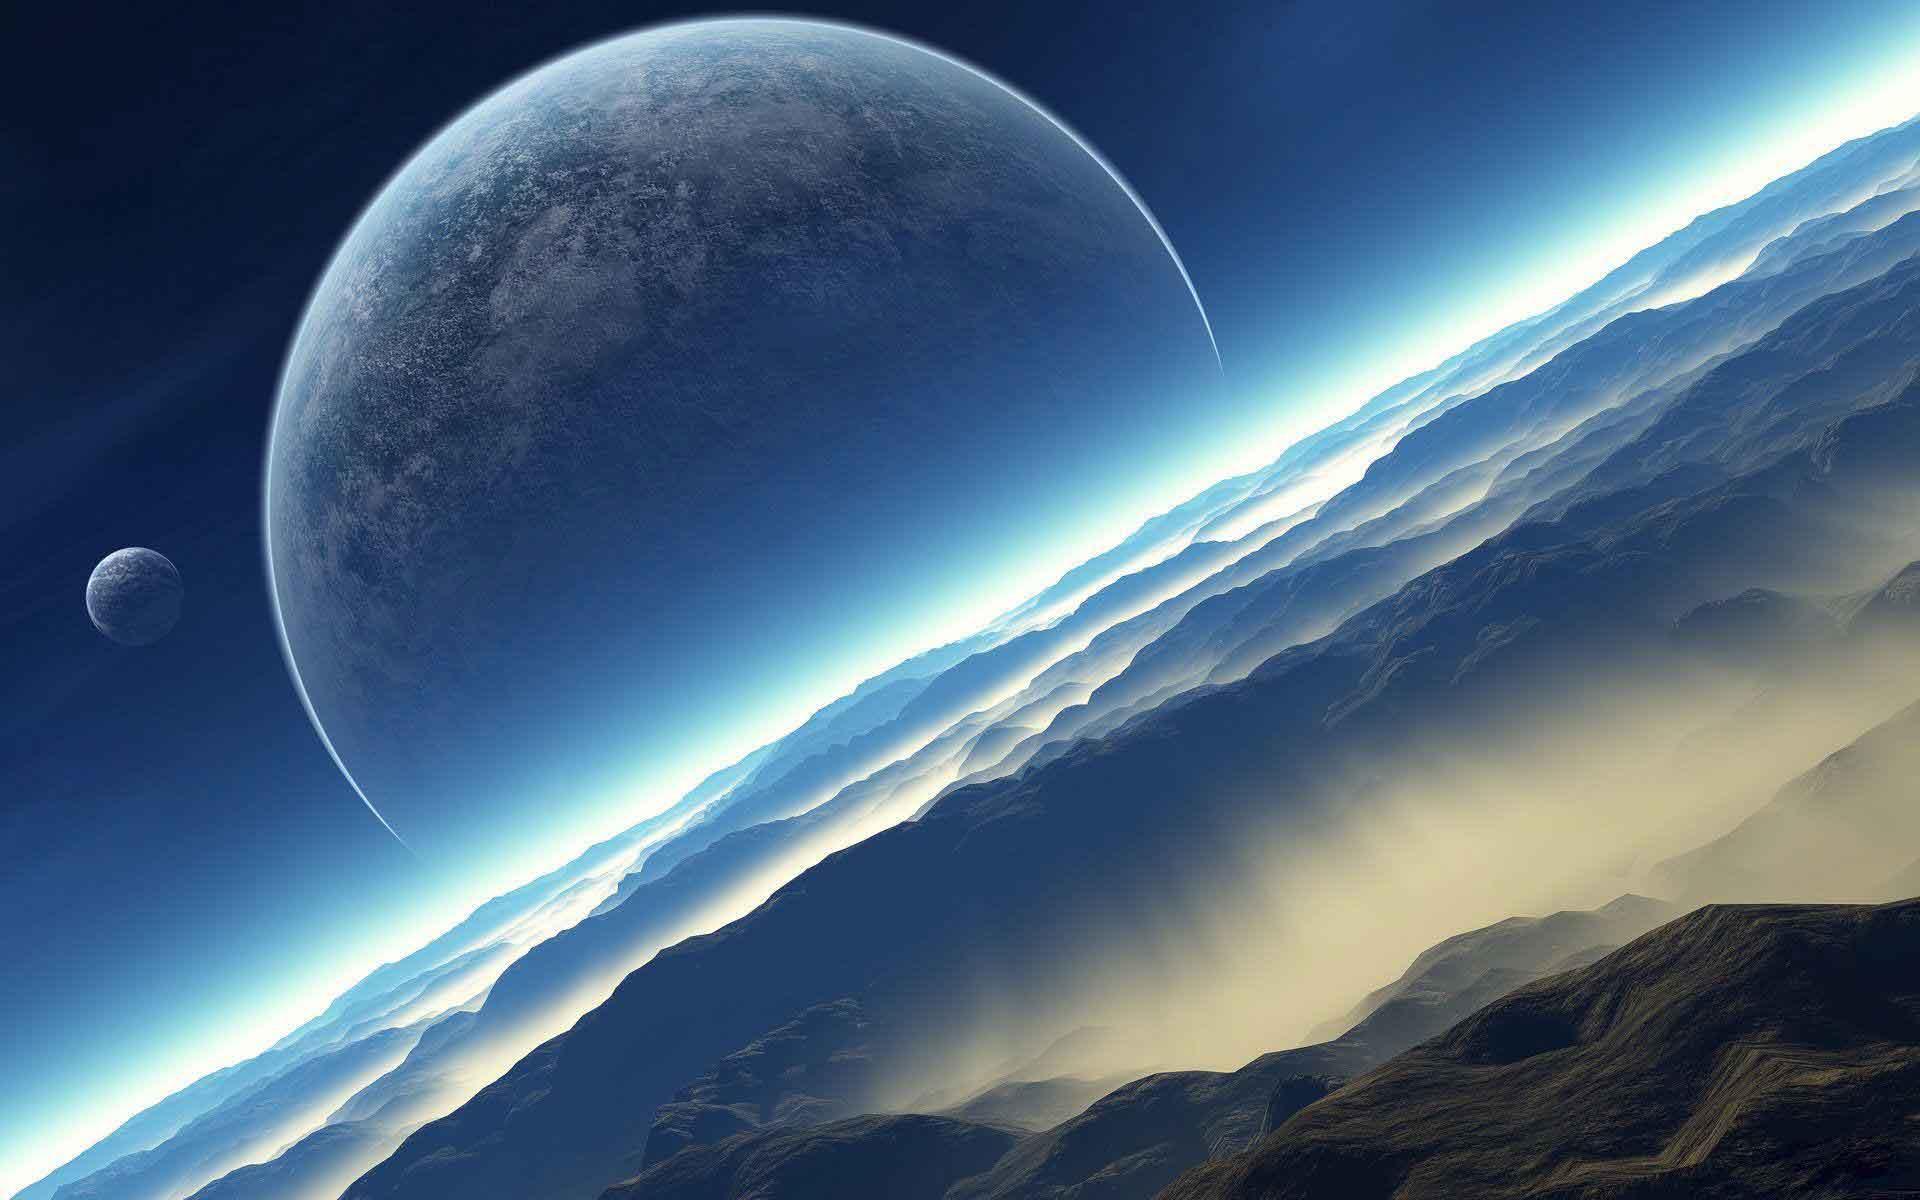 Rüyada 9 gezegeni görmek 1